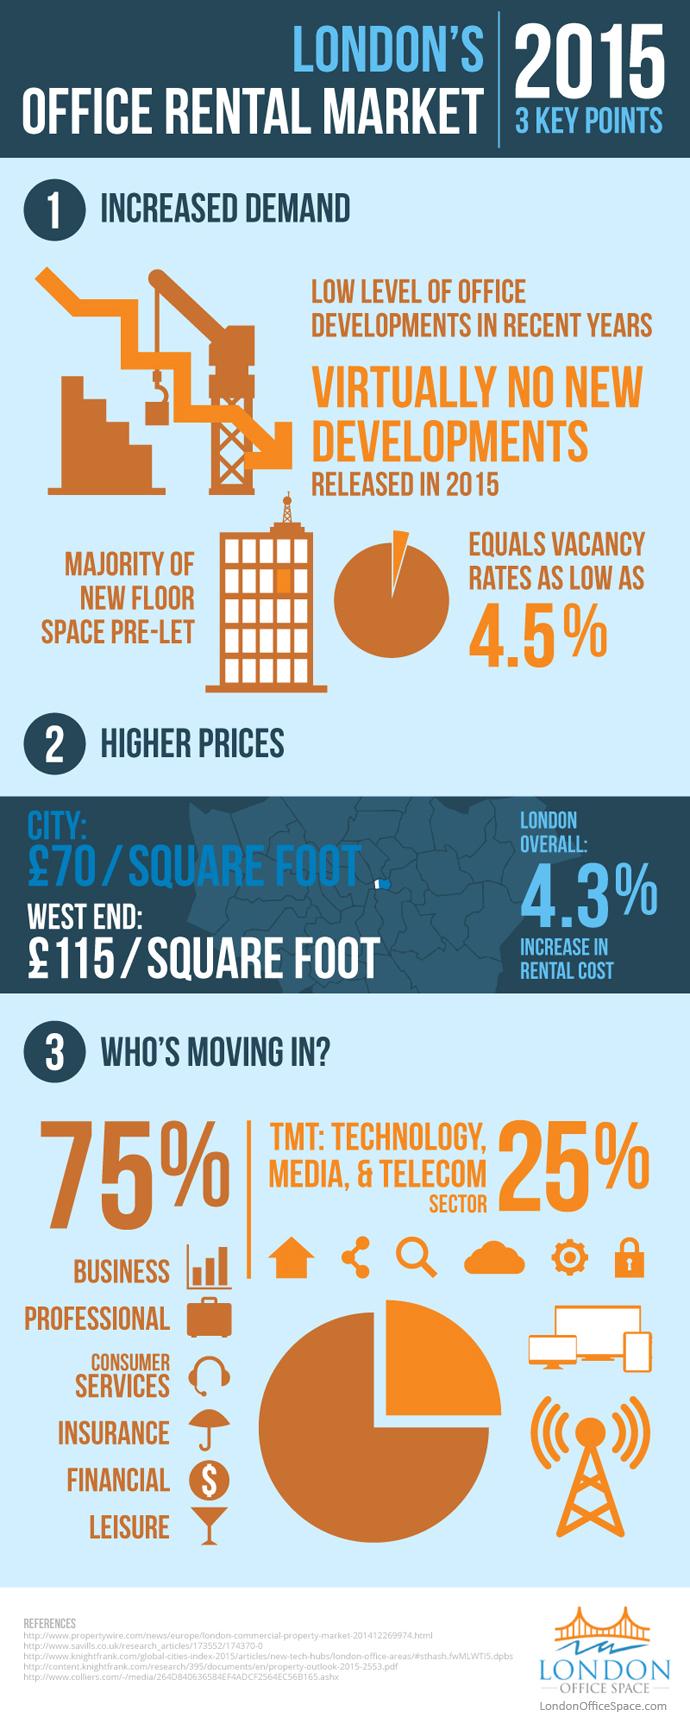 London's Office Rental Market 2015